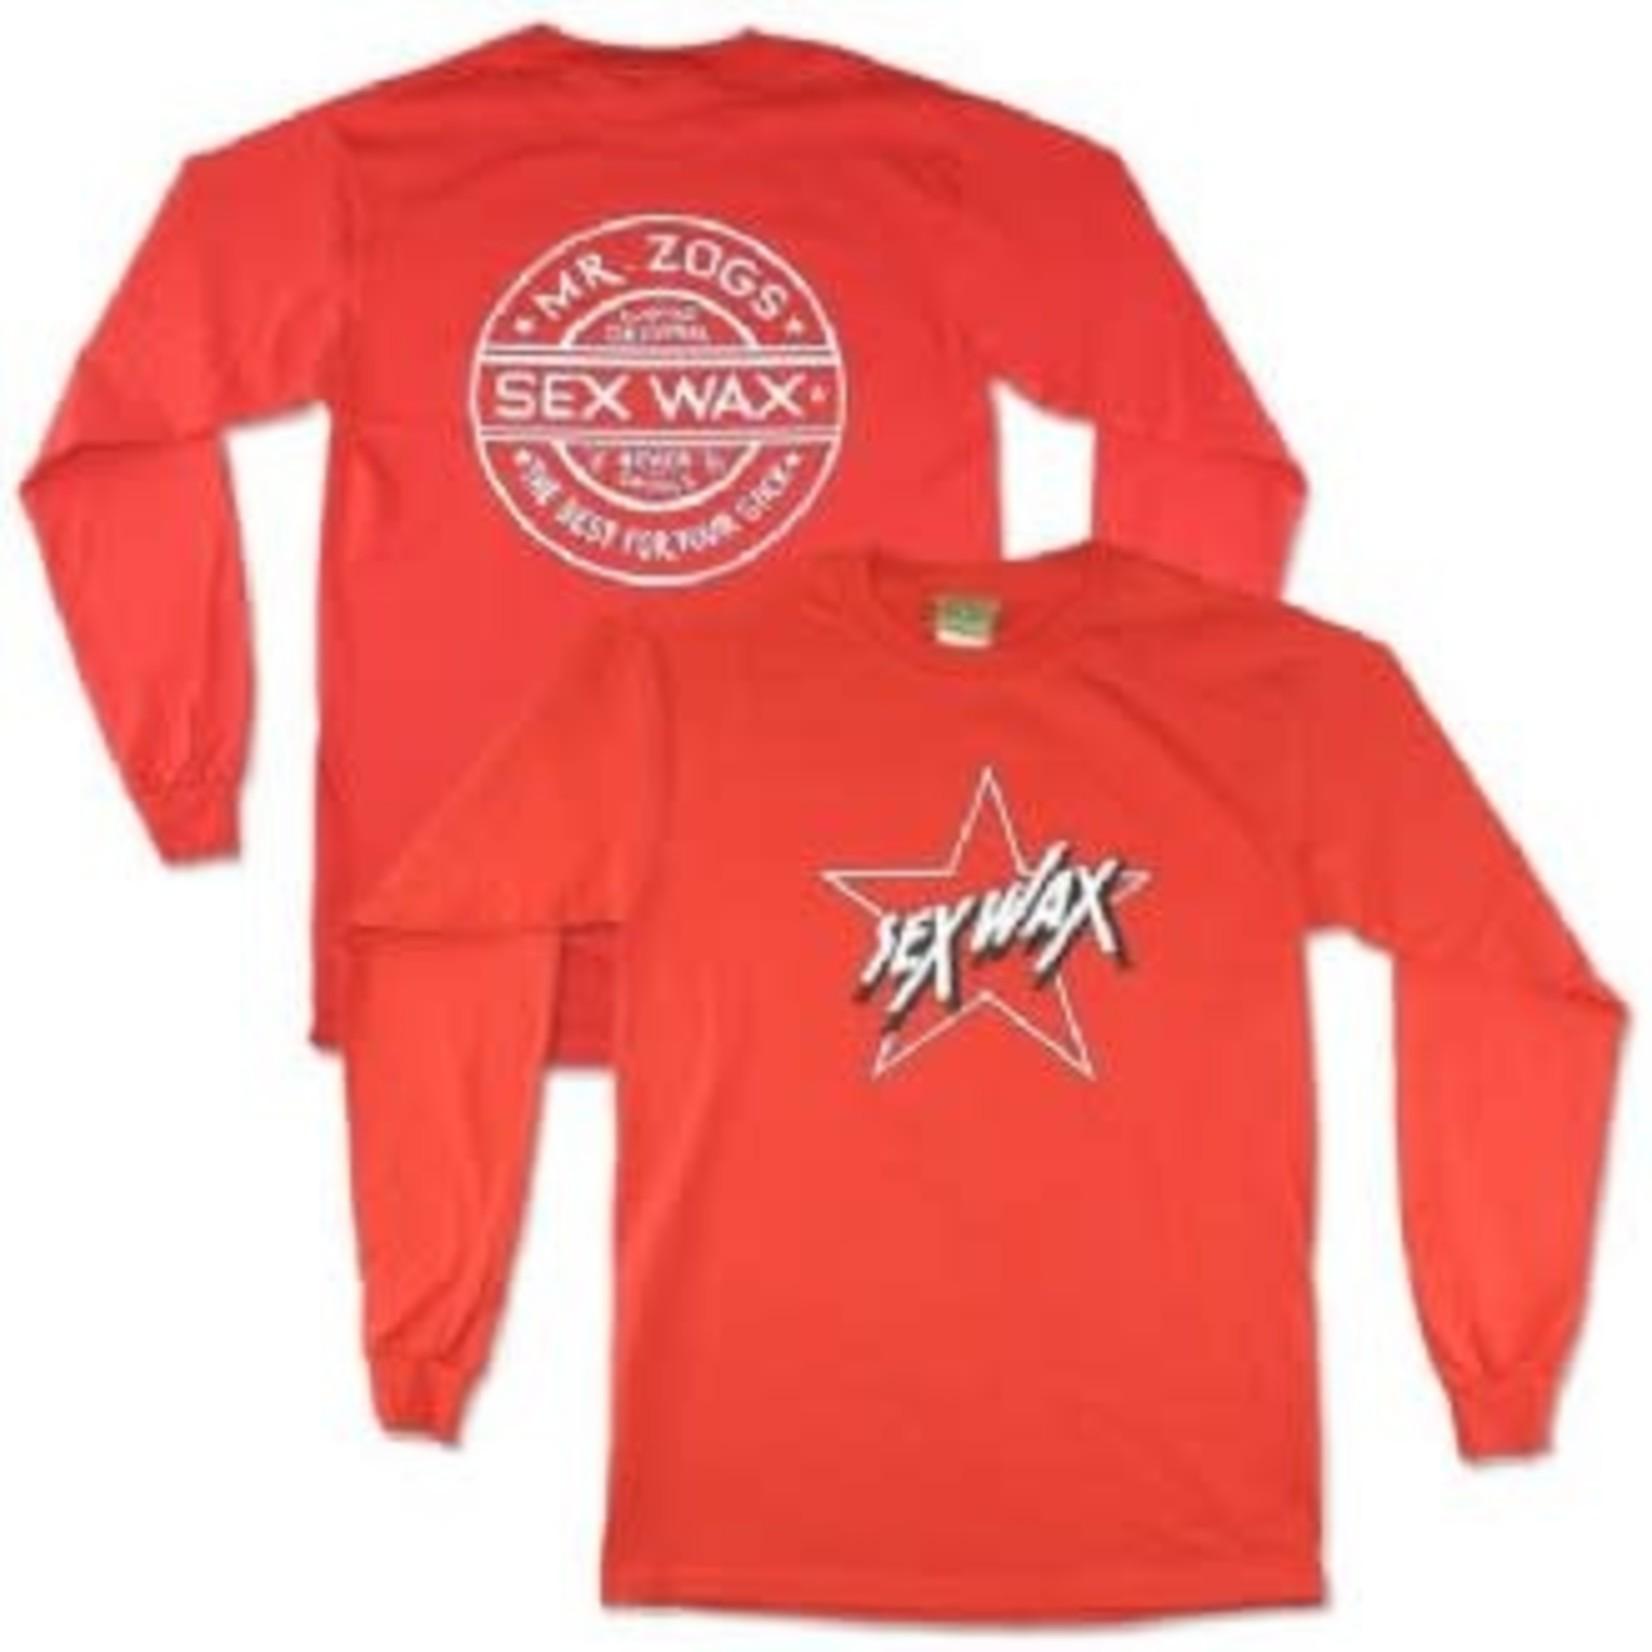 SEX WAX Sex Wax Long Sleeved T-shirt.